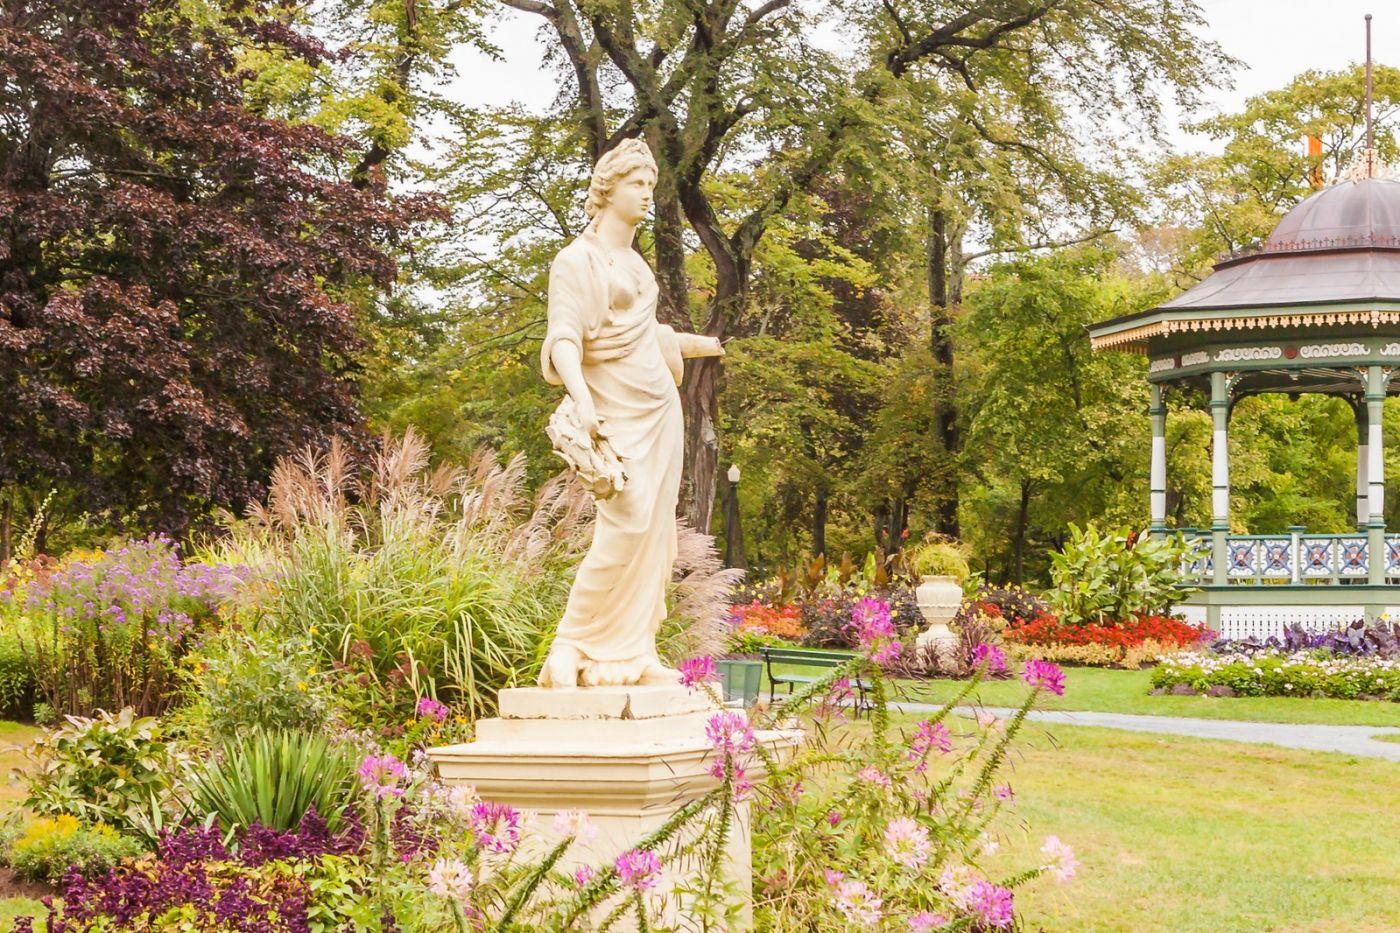 加拿大哈利法克斯(Halifax)公共花园,漂亮的花亭_图1-14